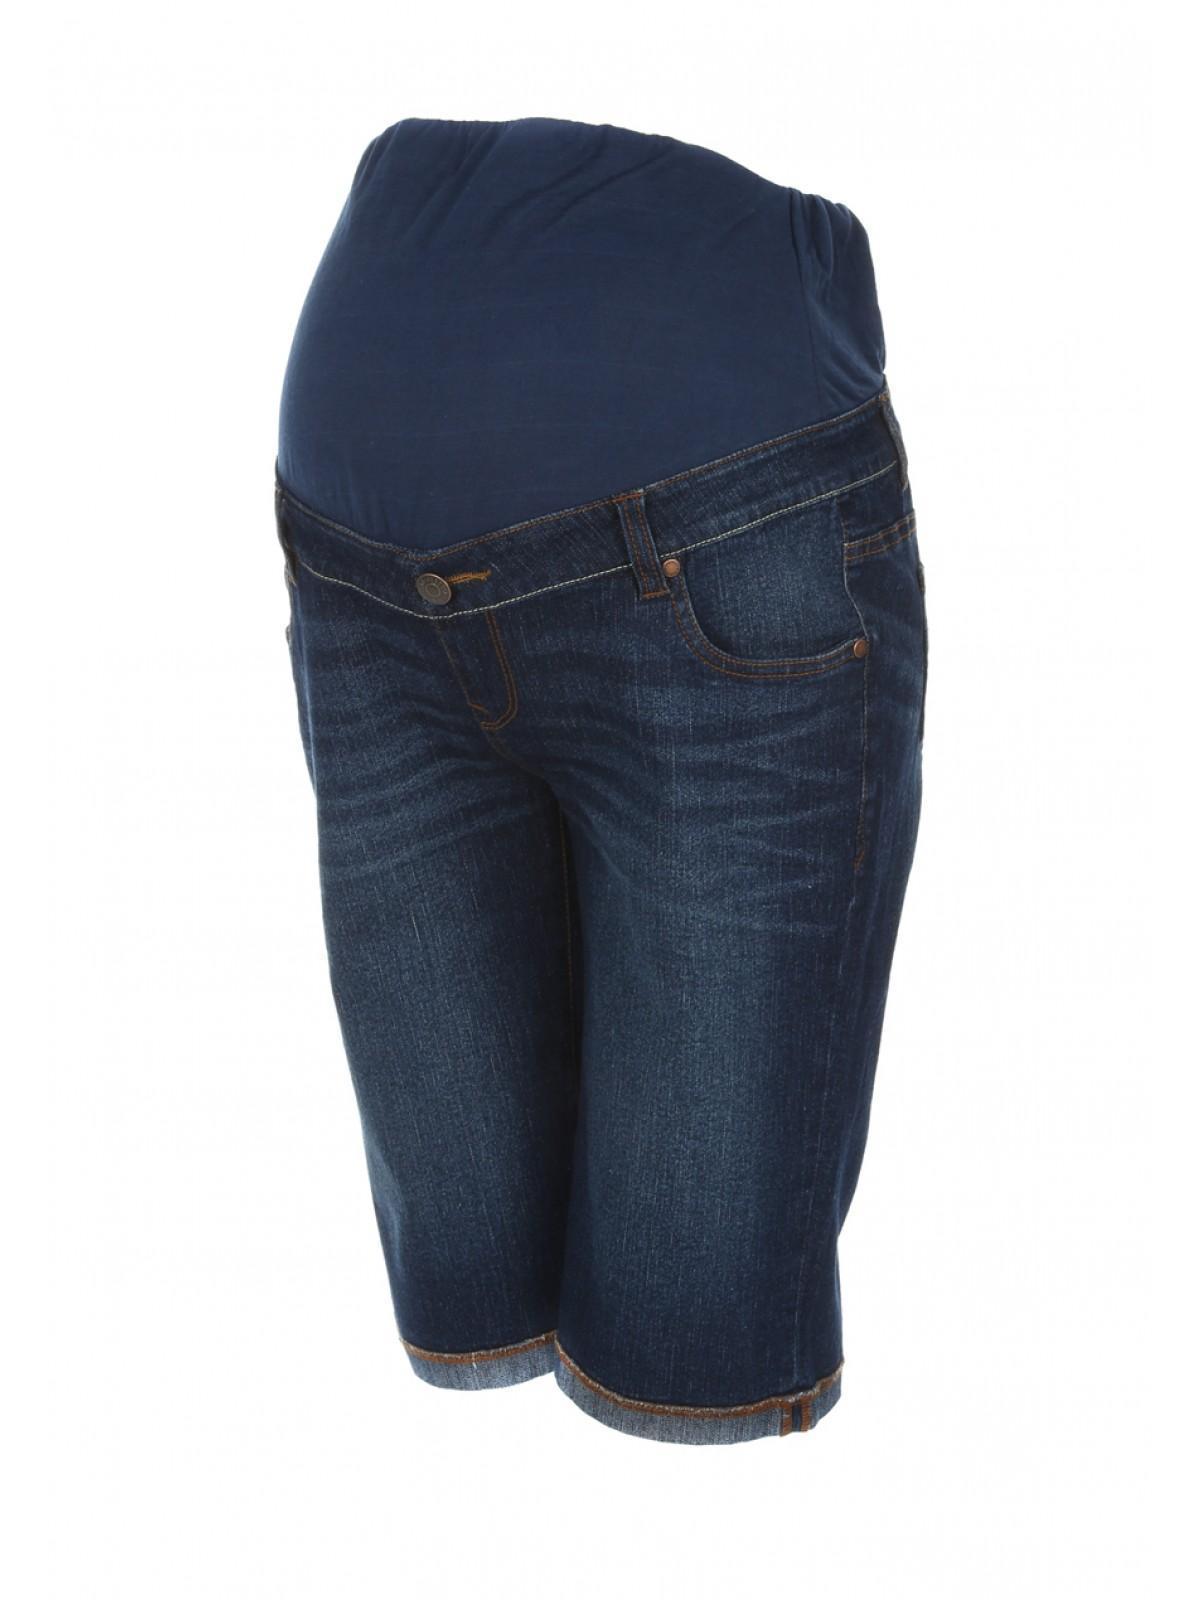 1f1e6c2650cefc Home; Maternity Denim Shorts. Back. PreviousNext